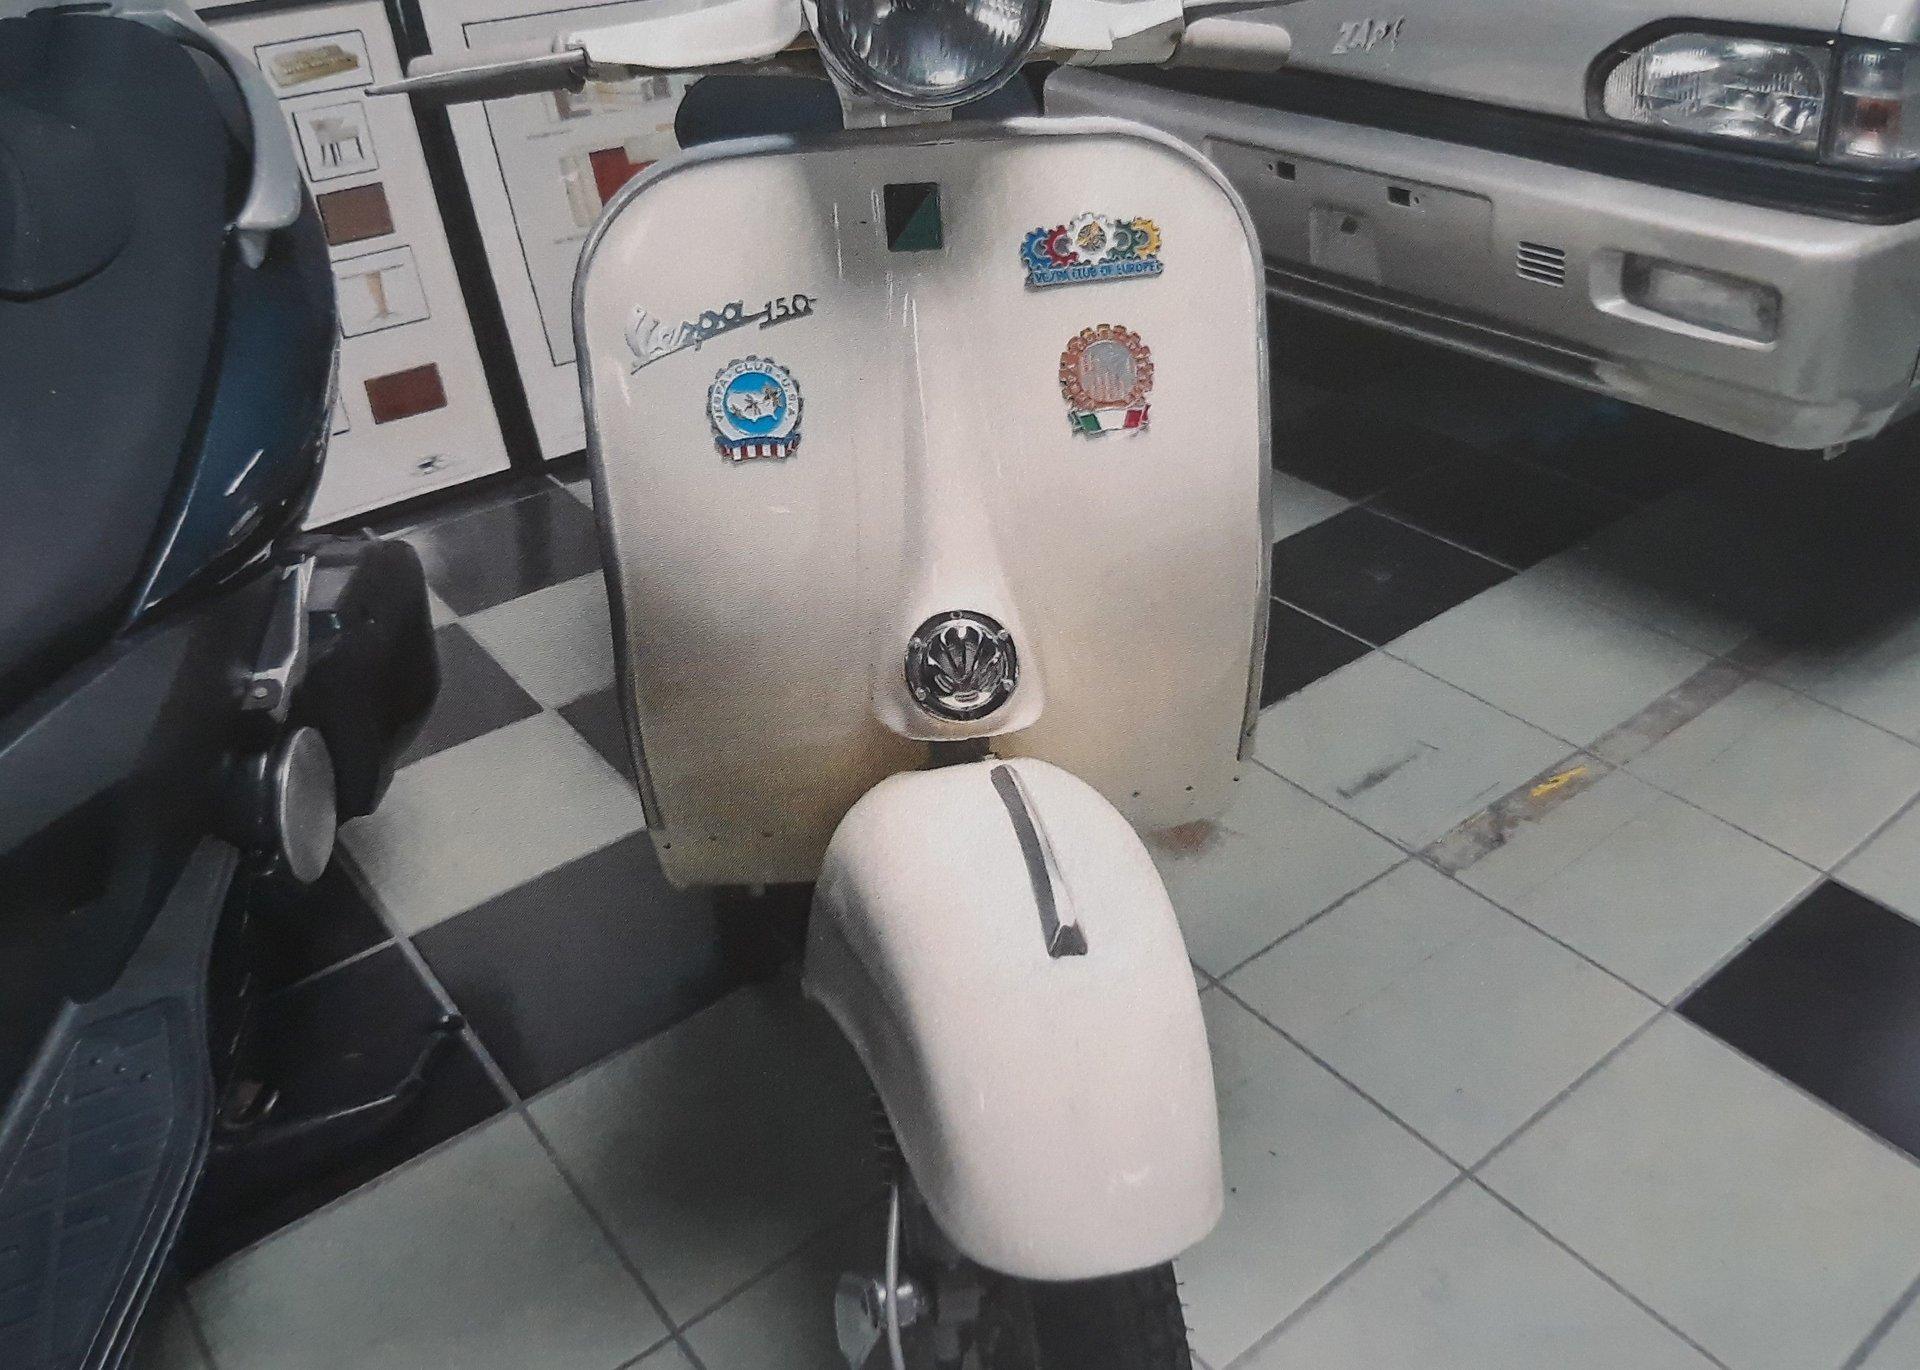 1958 vespa 150 cc